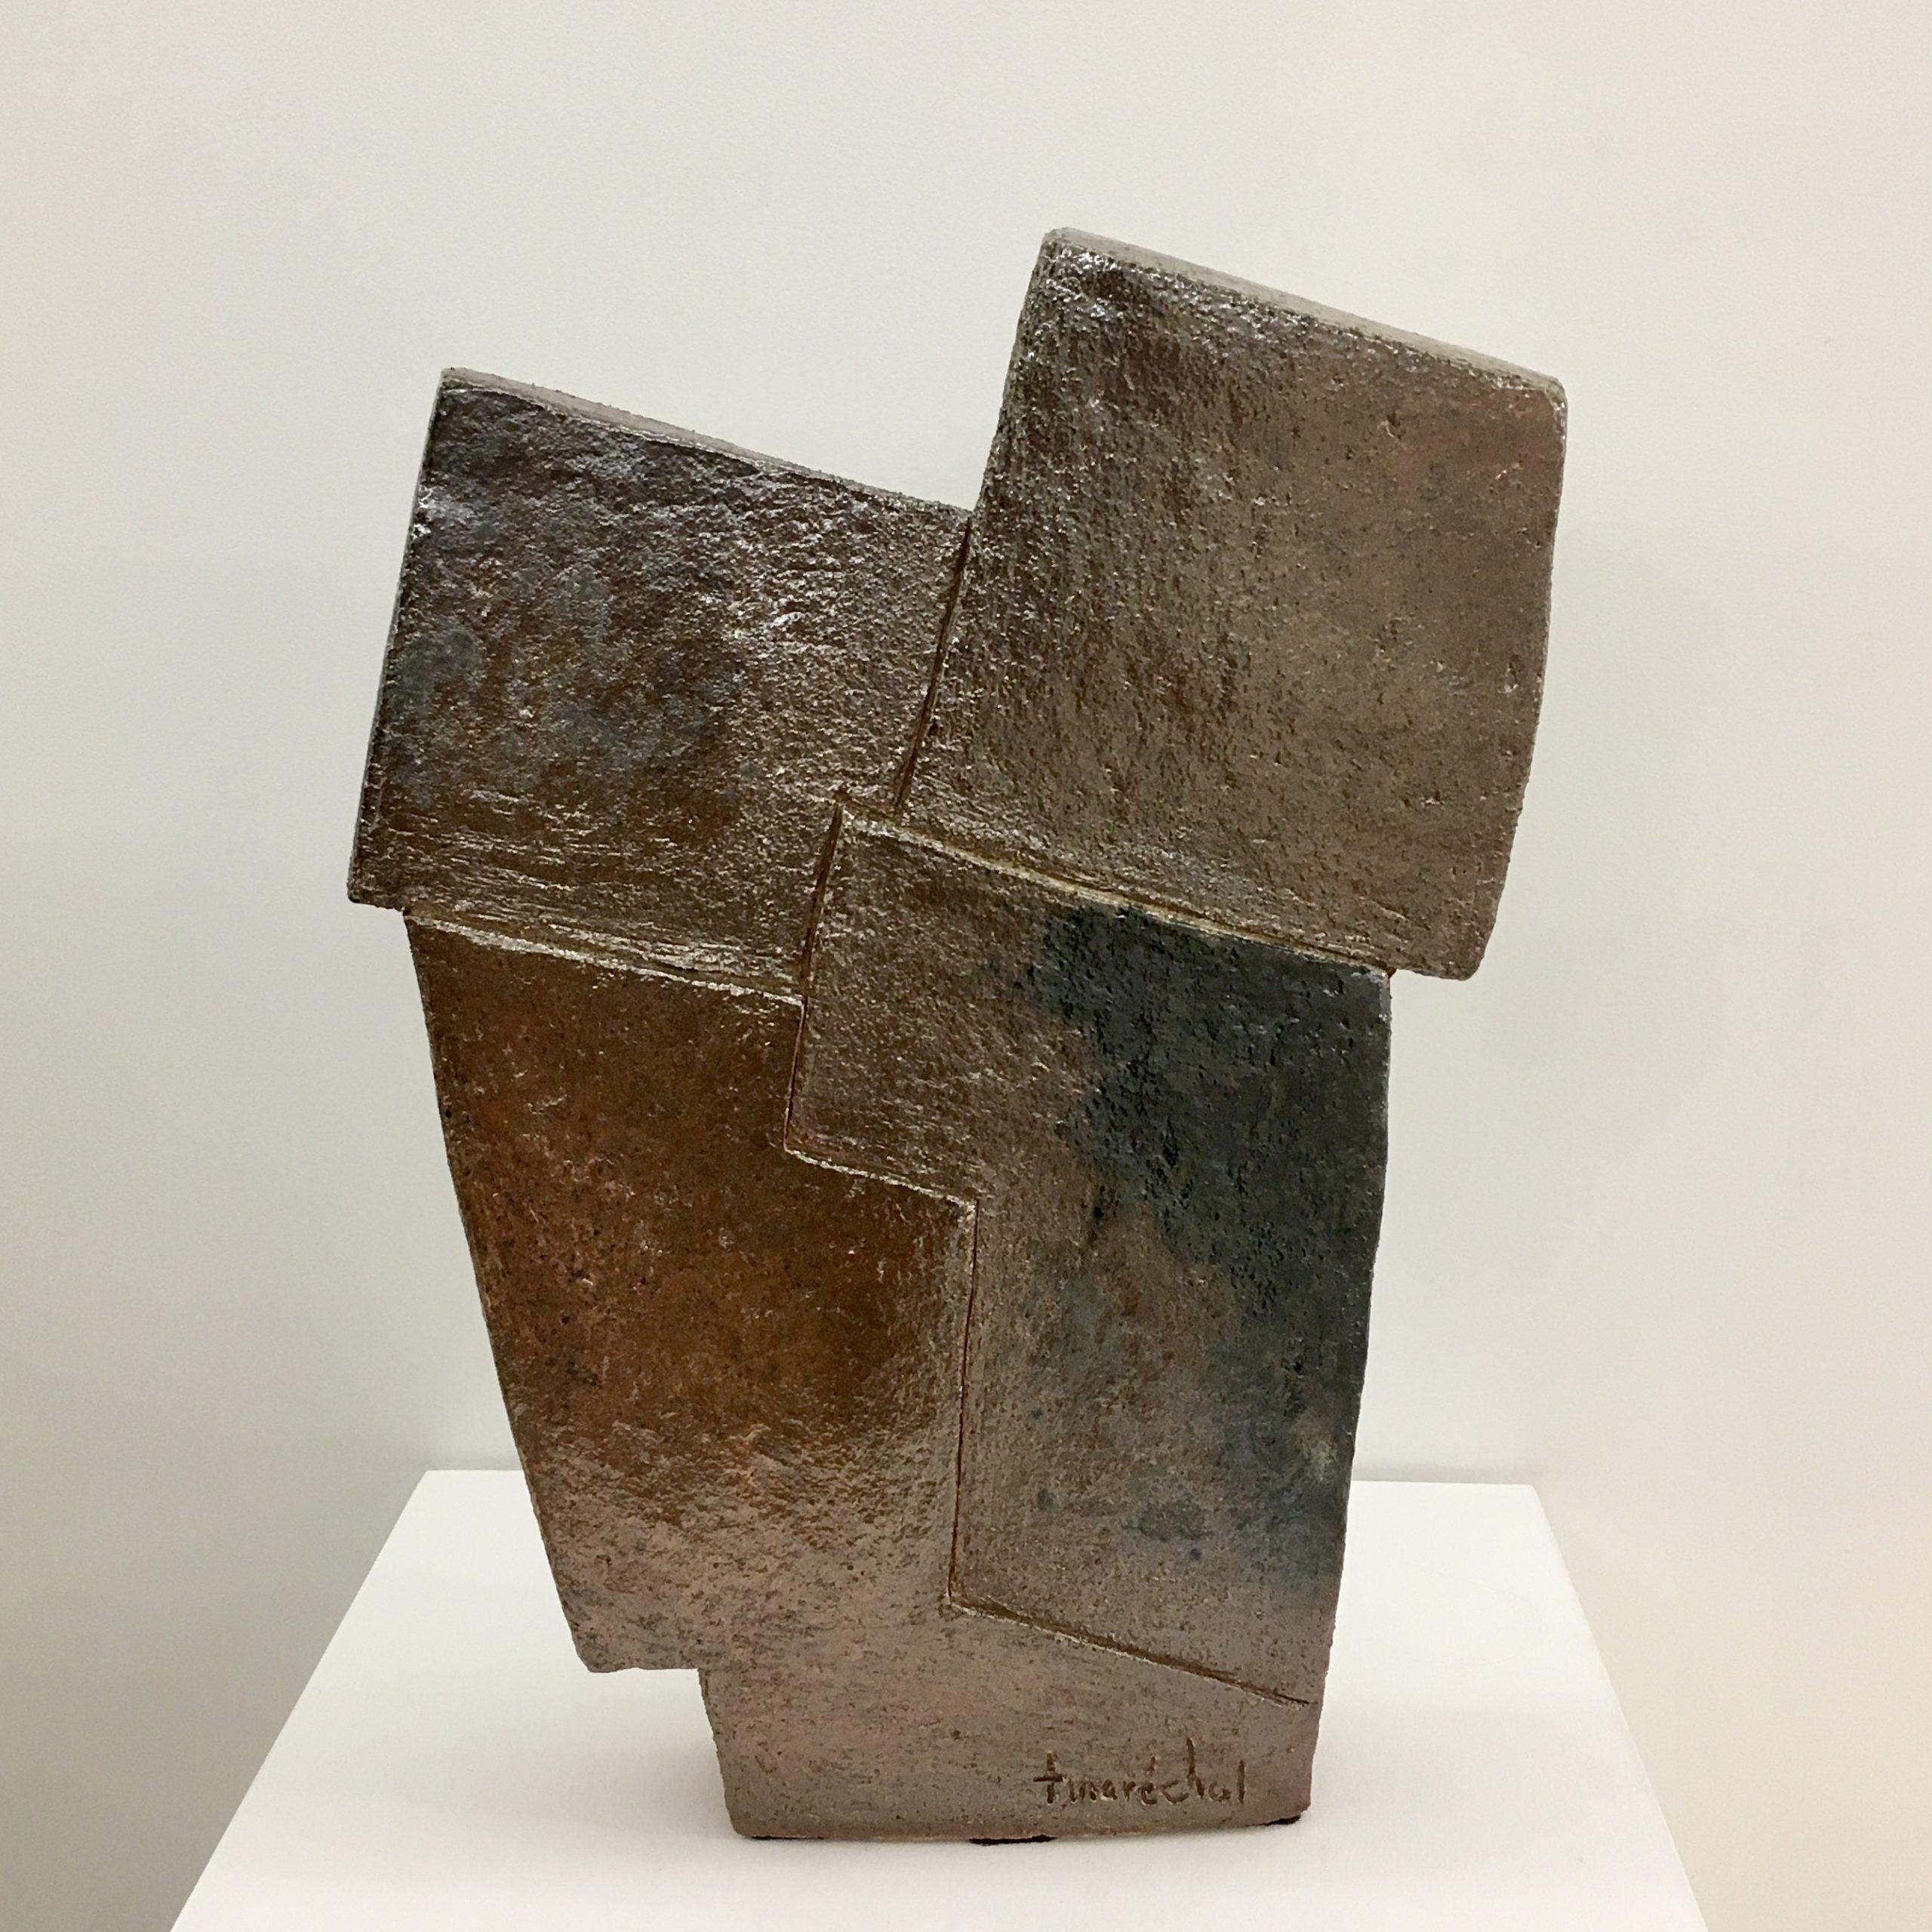 sculpture francois marechal galerie avenir dos